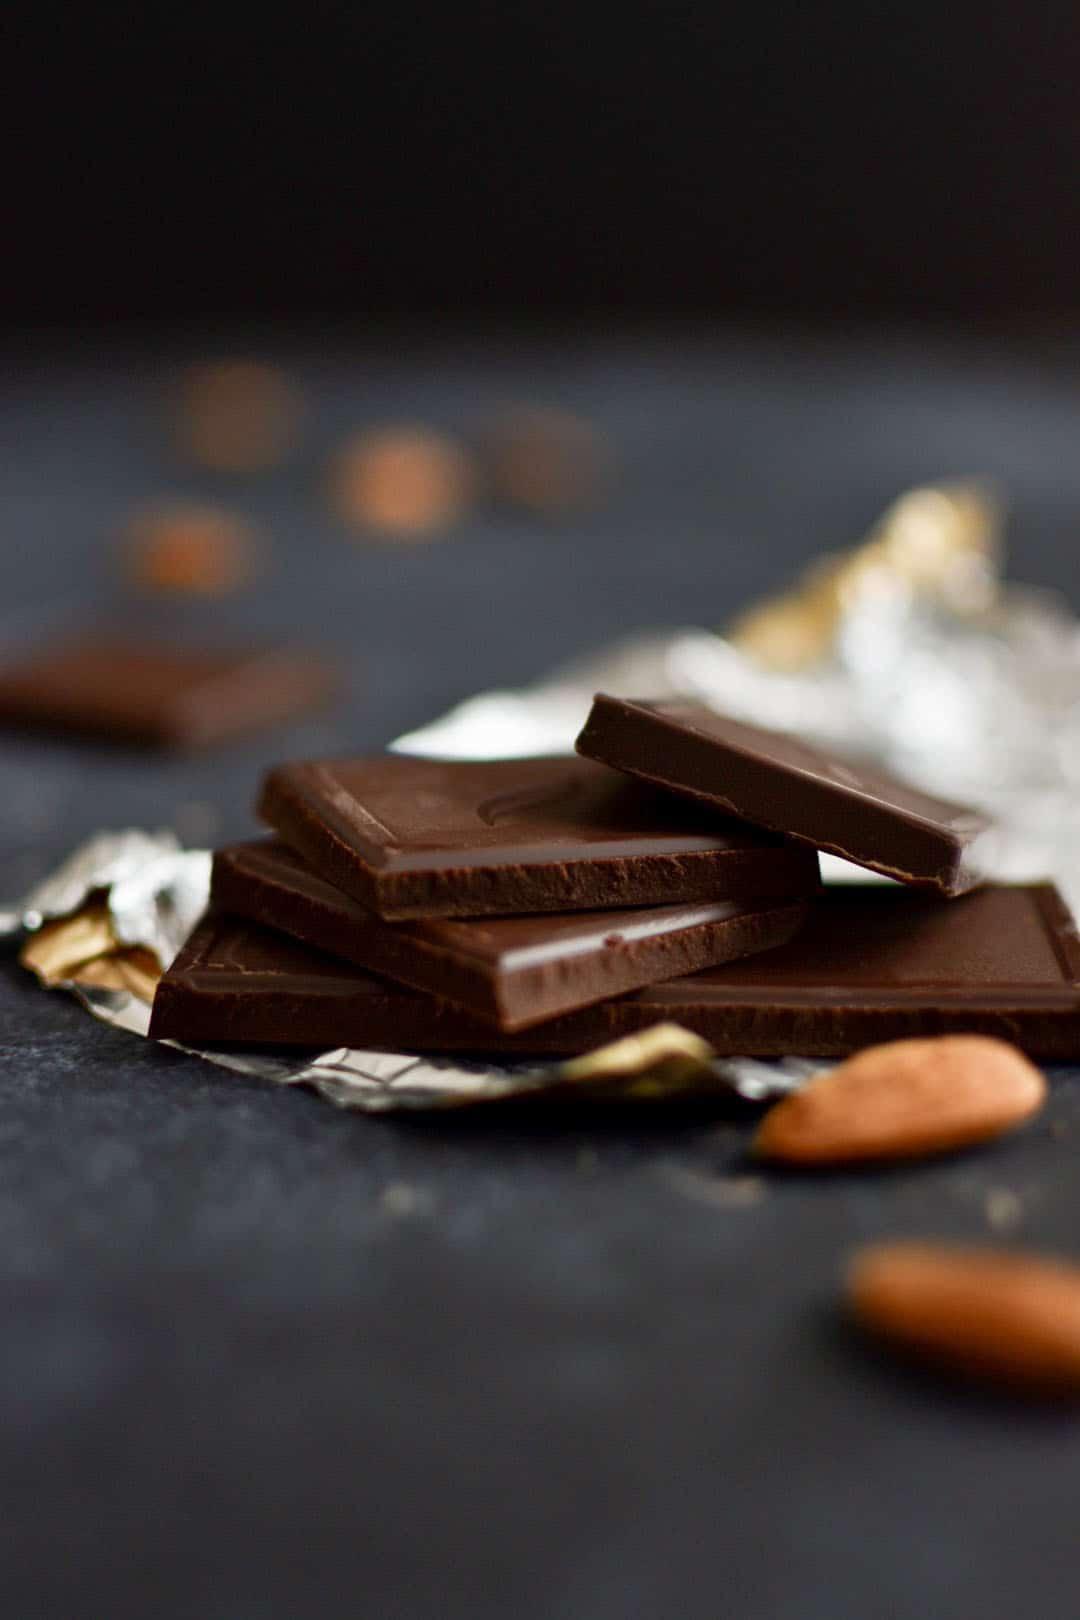 Carrés de chocolat noir sur fond noir avec amandes